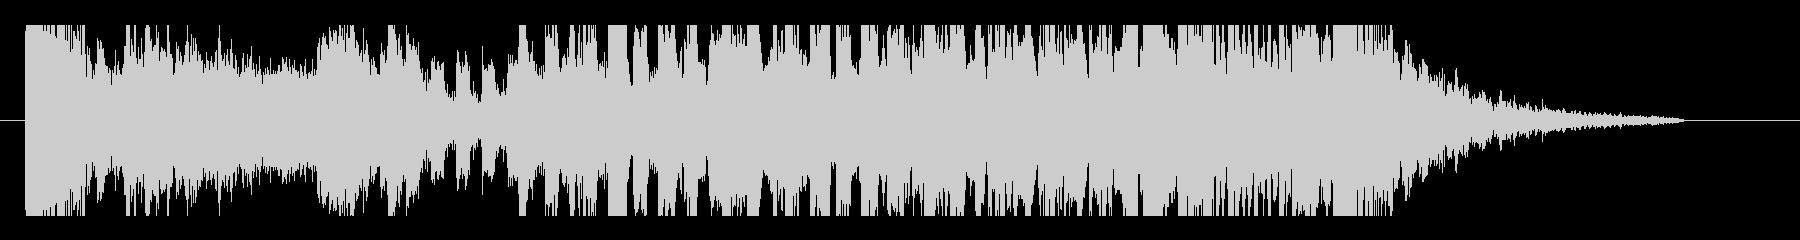 インパクトのある印象的なサウンドロゴの未再生の波形